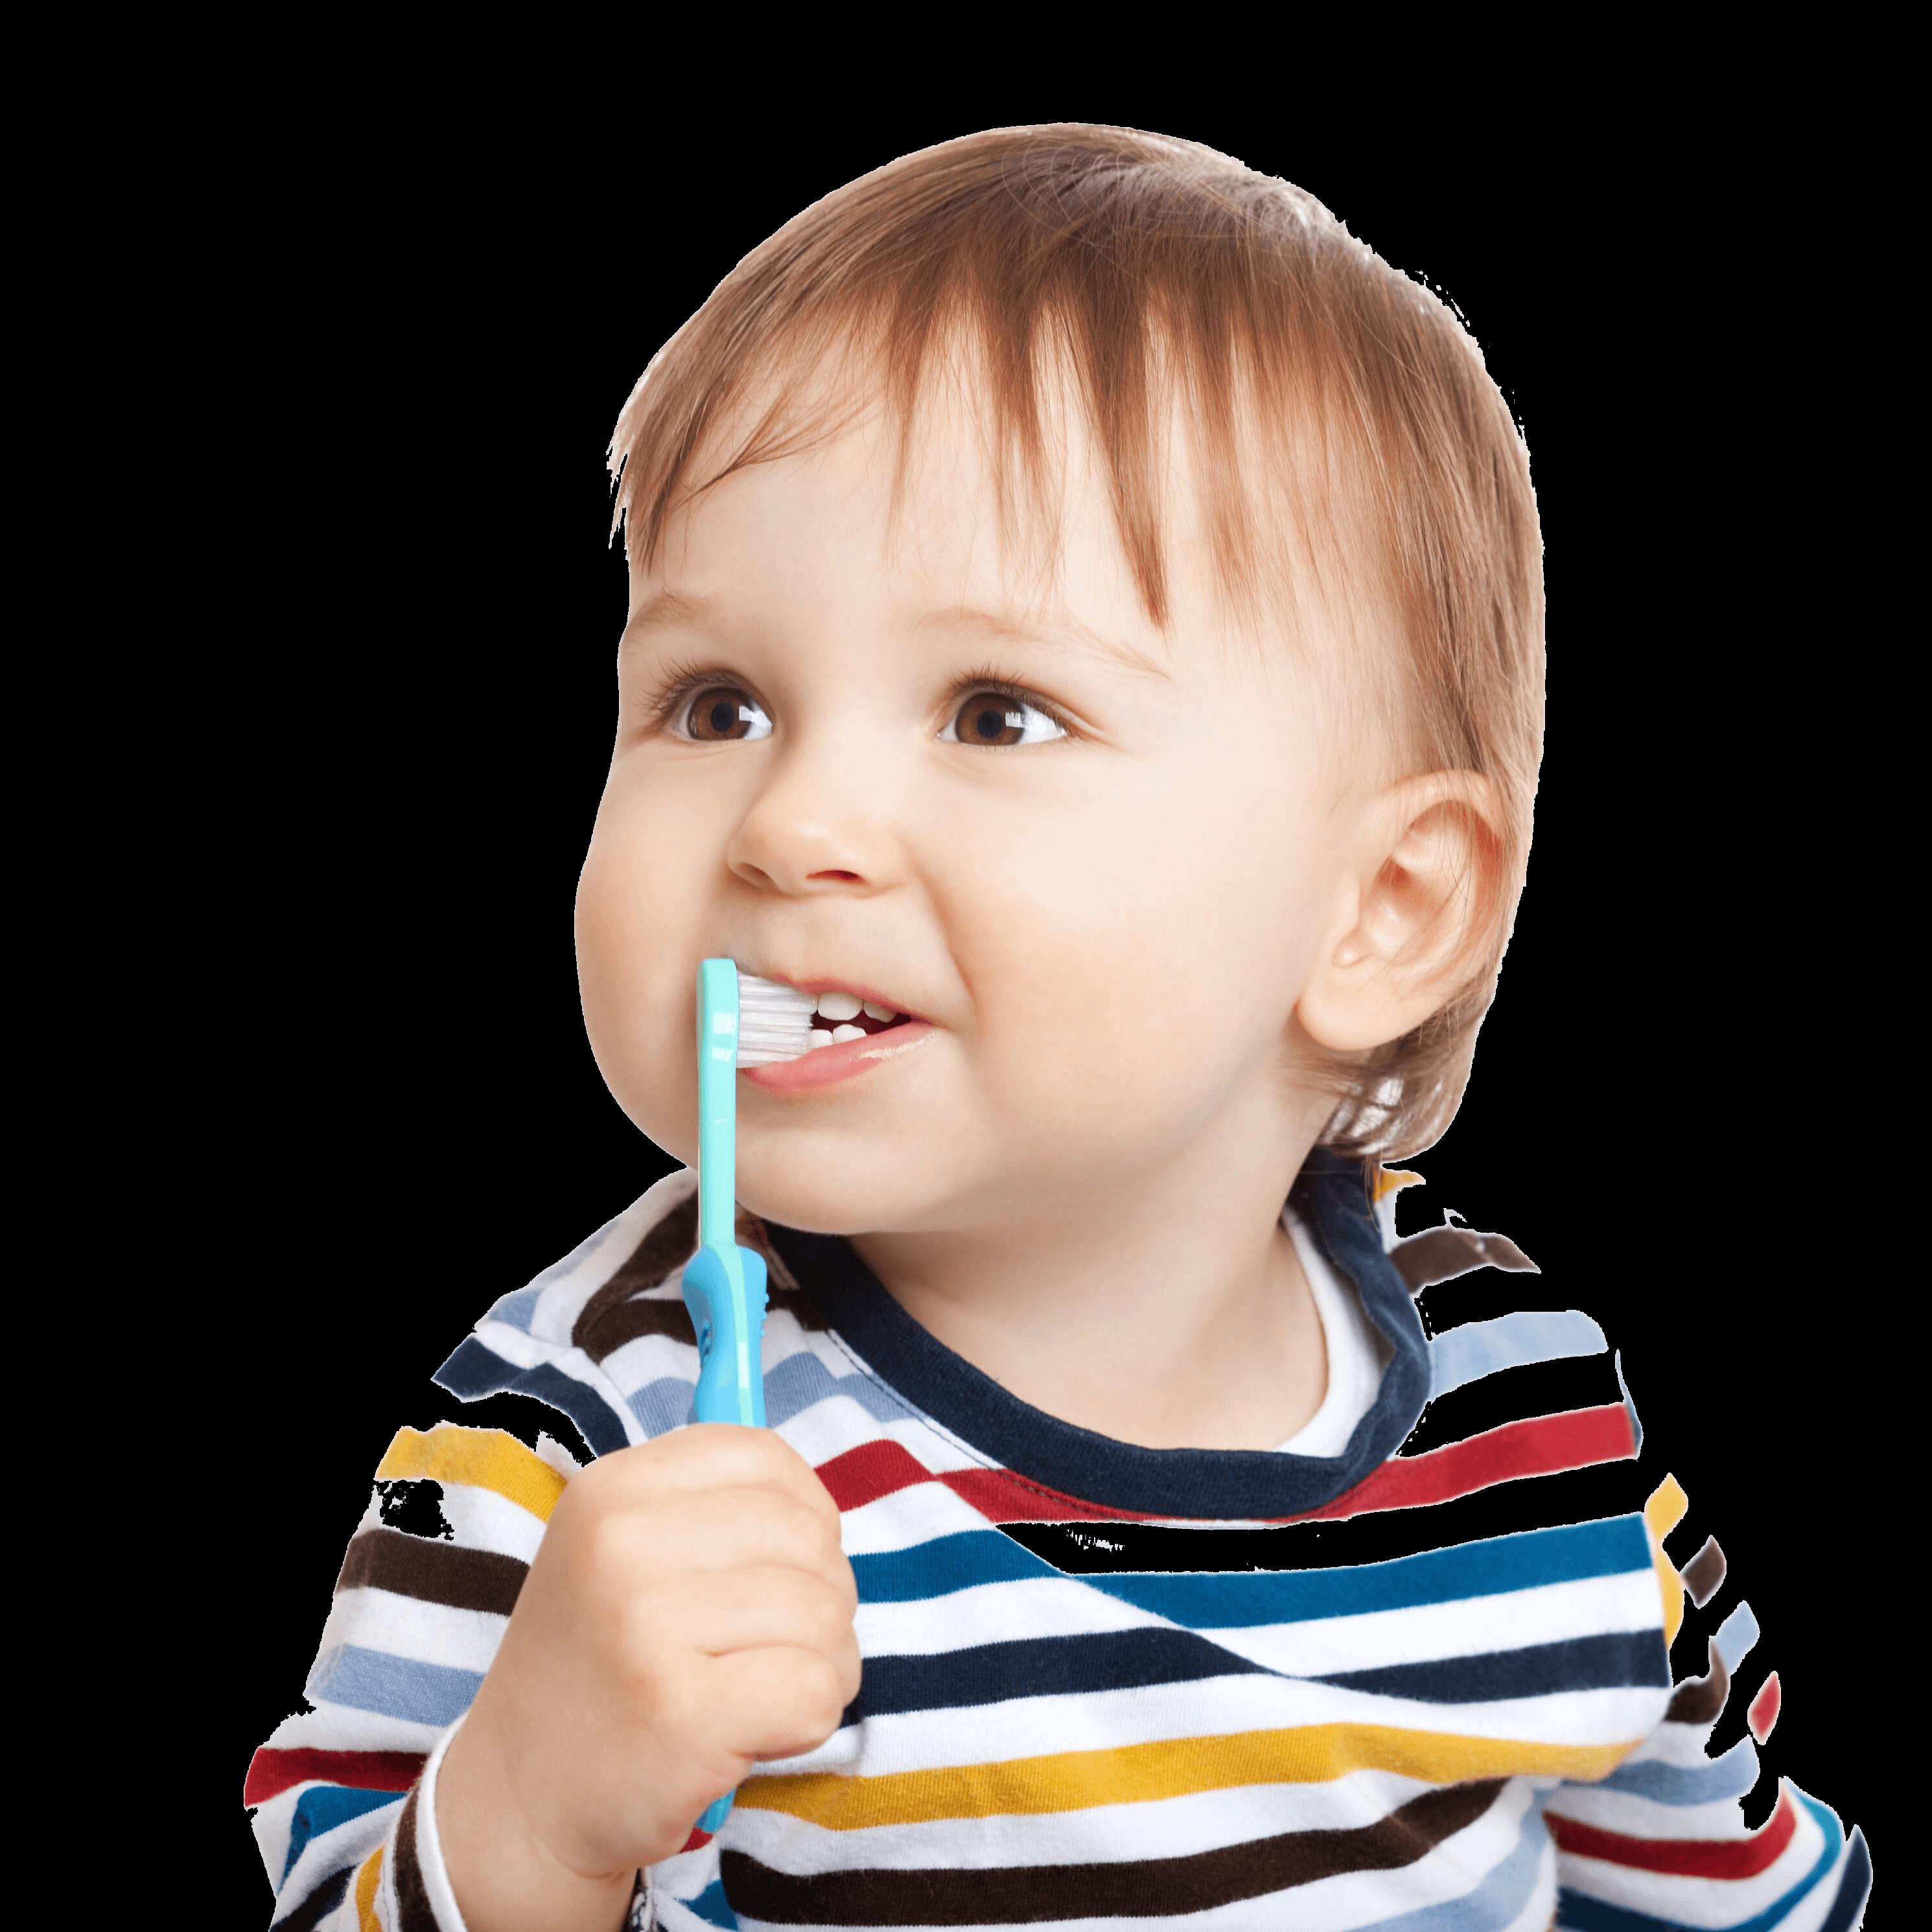 bebe lavandose los dientes